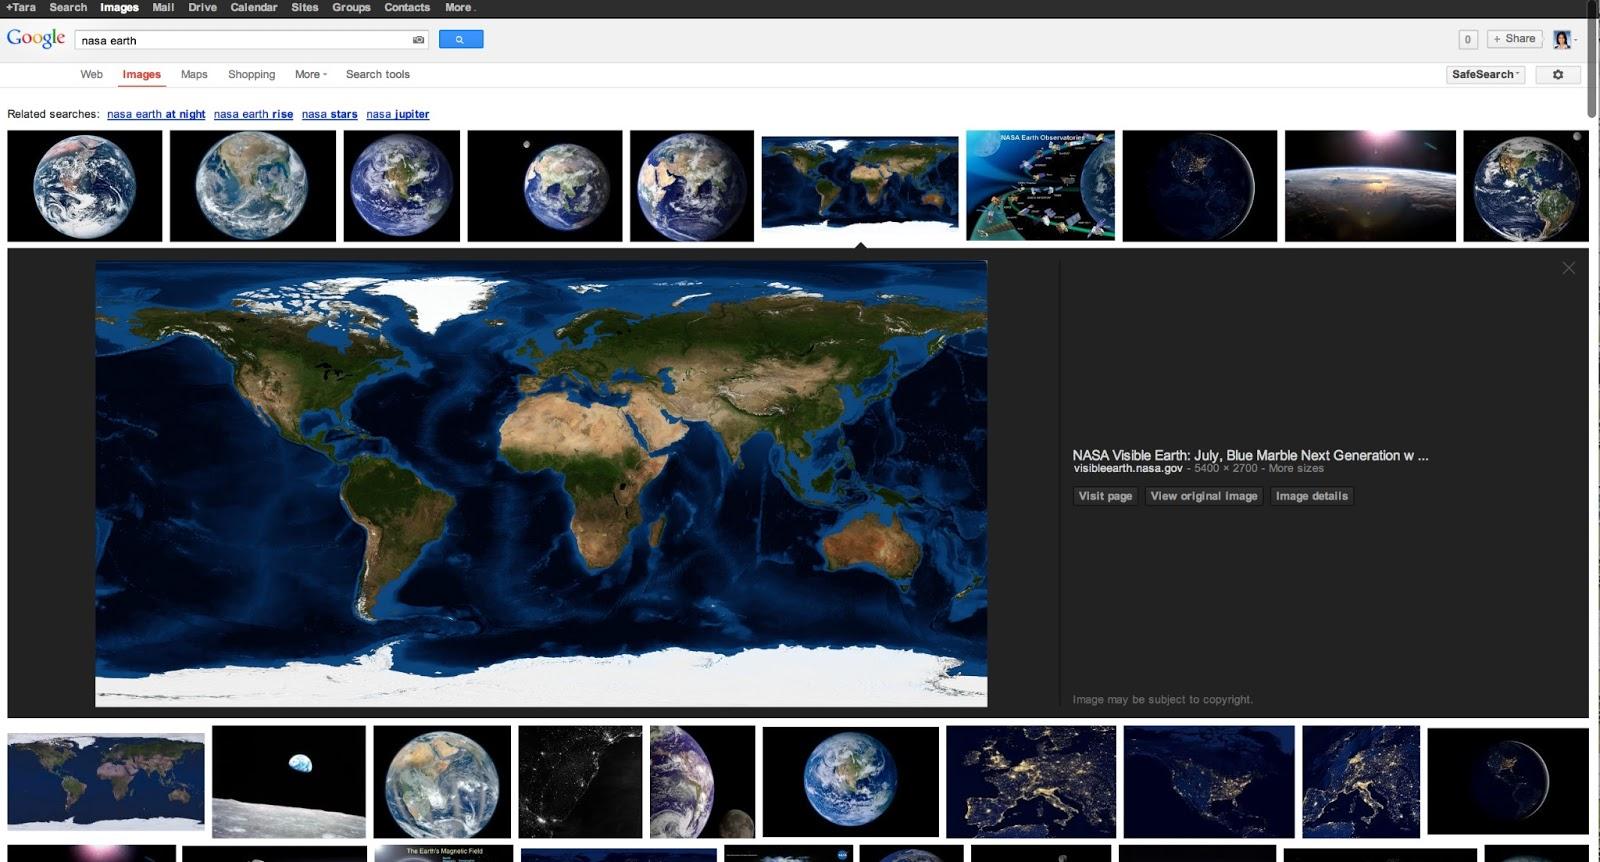 Google Bildersuche erhält neues Design und wird schneller